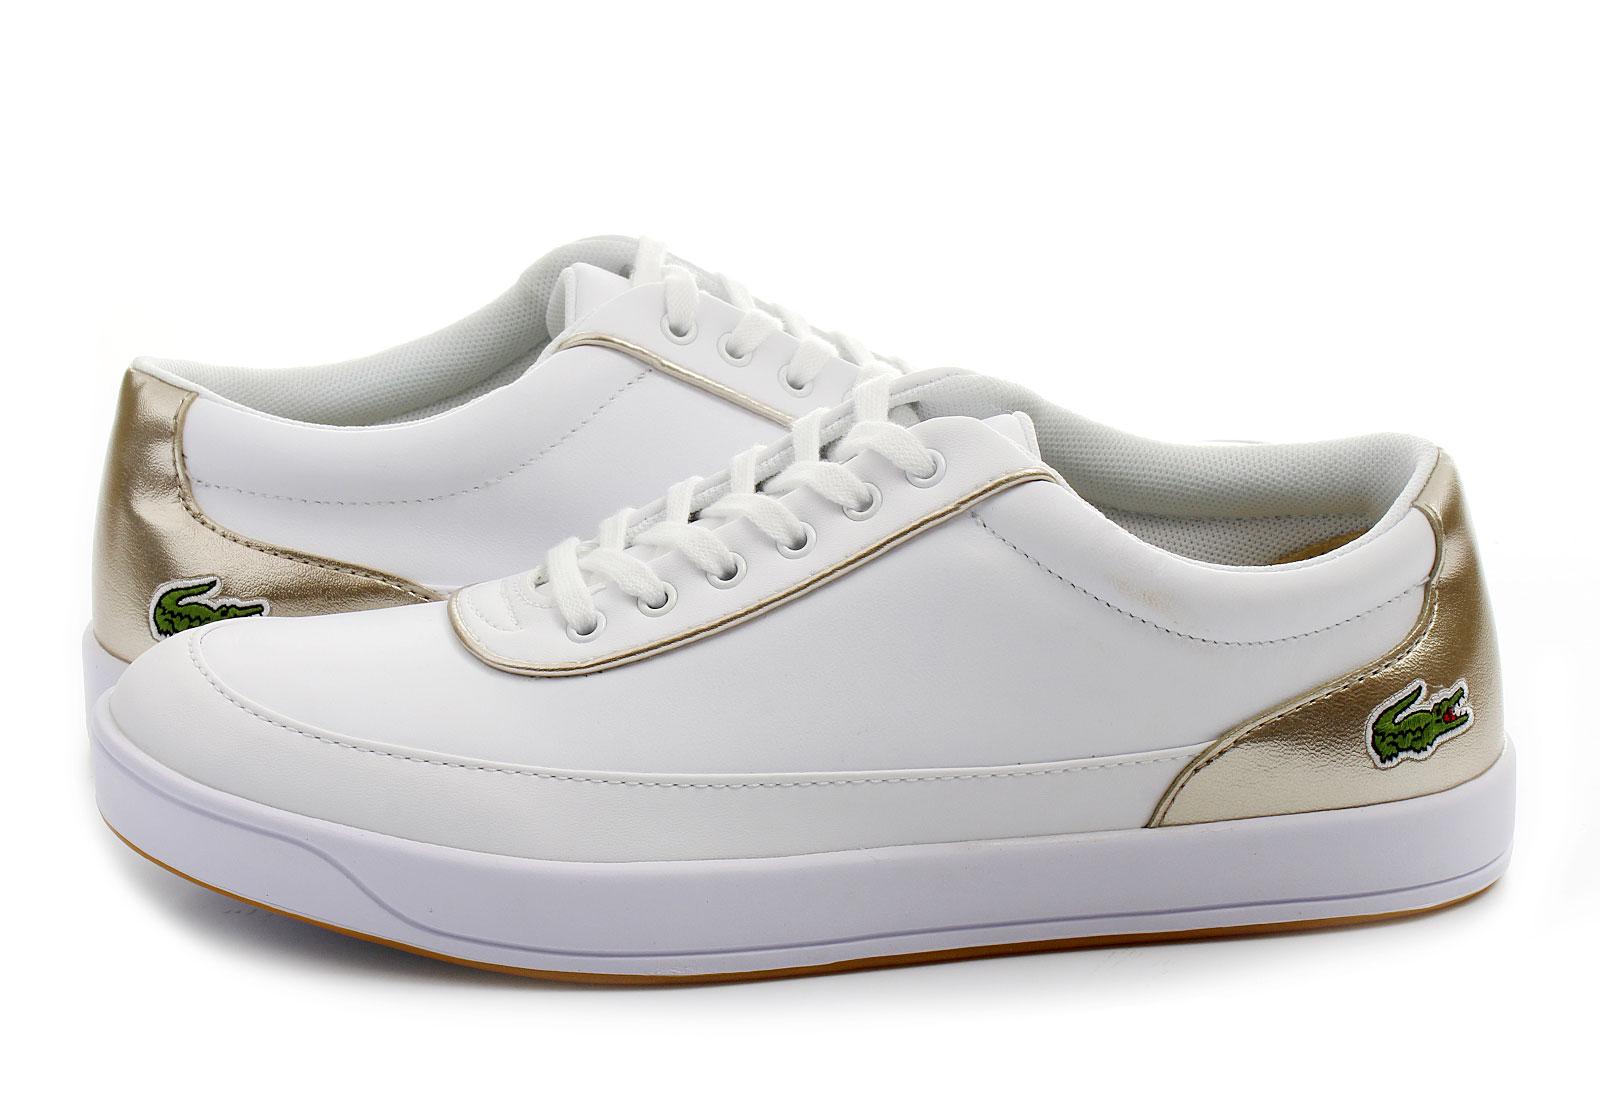 Lacoste Cipő - Lyonella Lace 3 - 163spw0170-001 - Office Shoes ... 754bb38916